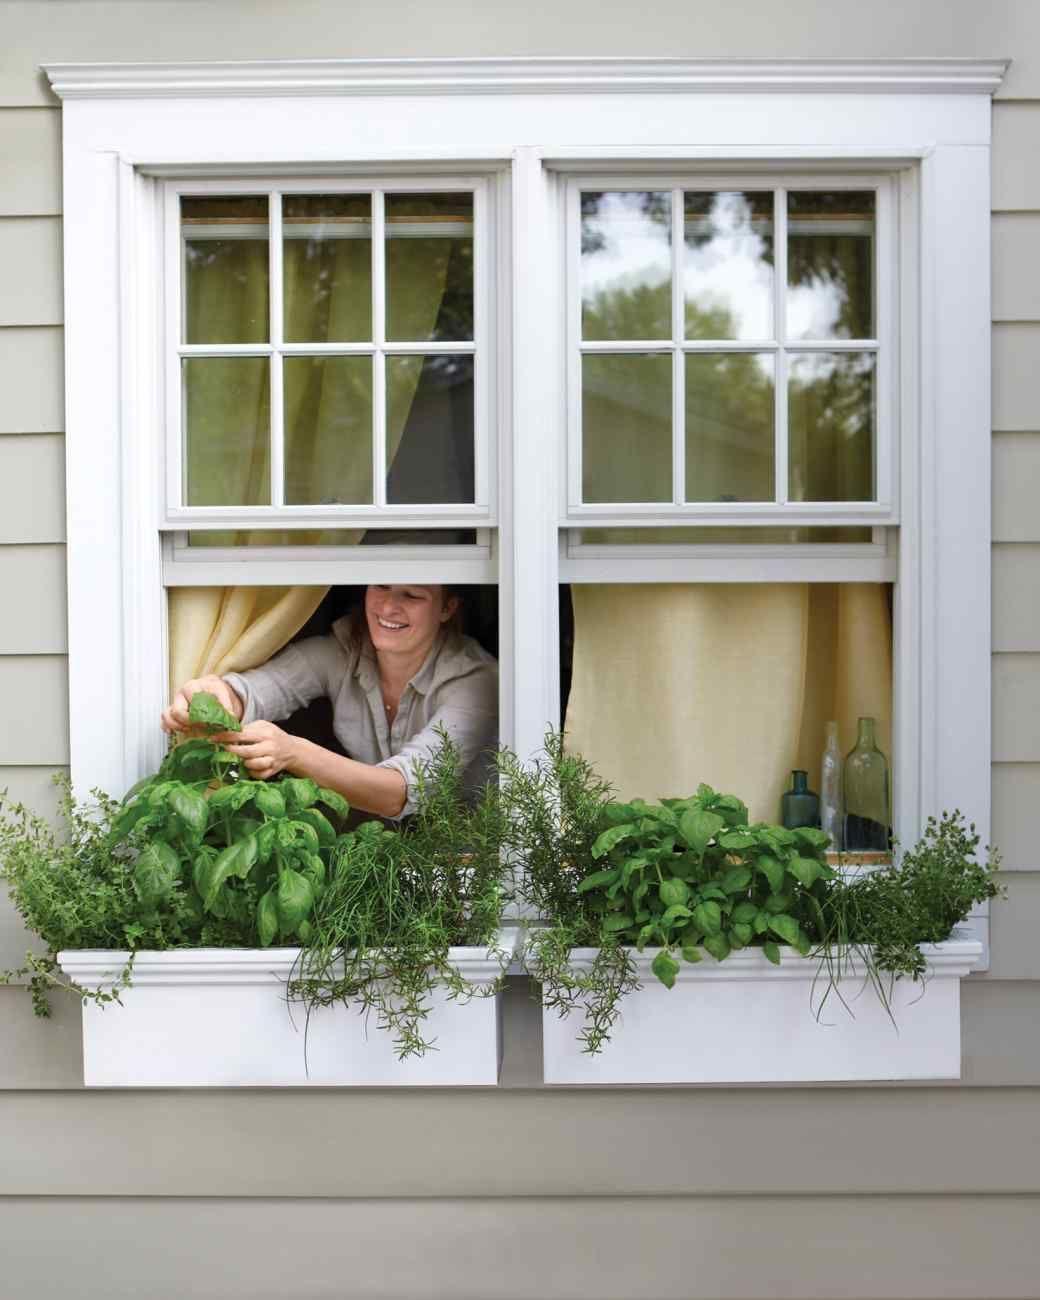 11 Creative Container Garden Ideas Gardens Window Boxes And